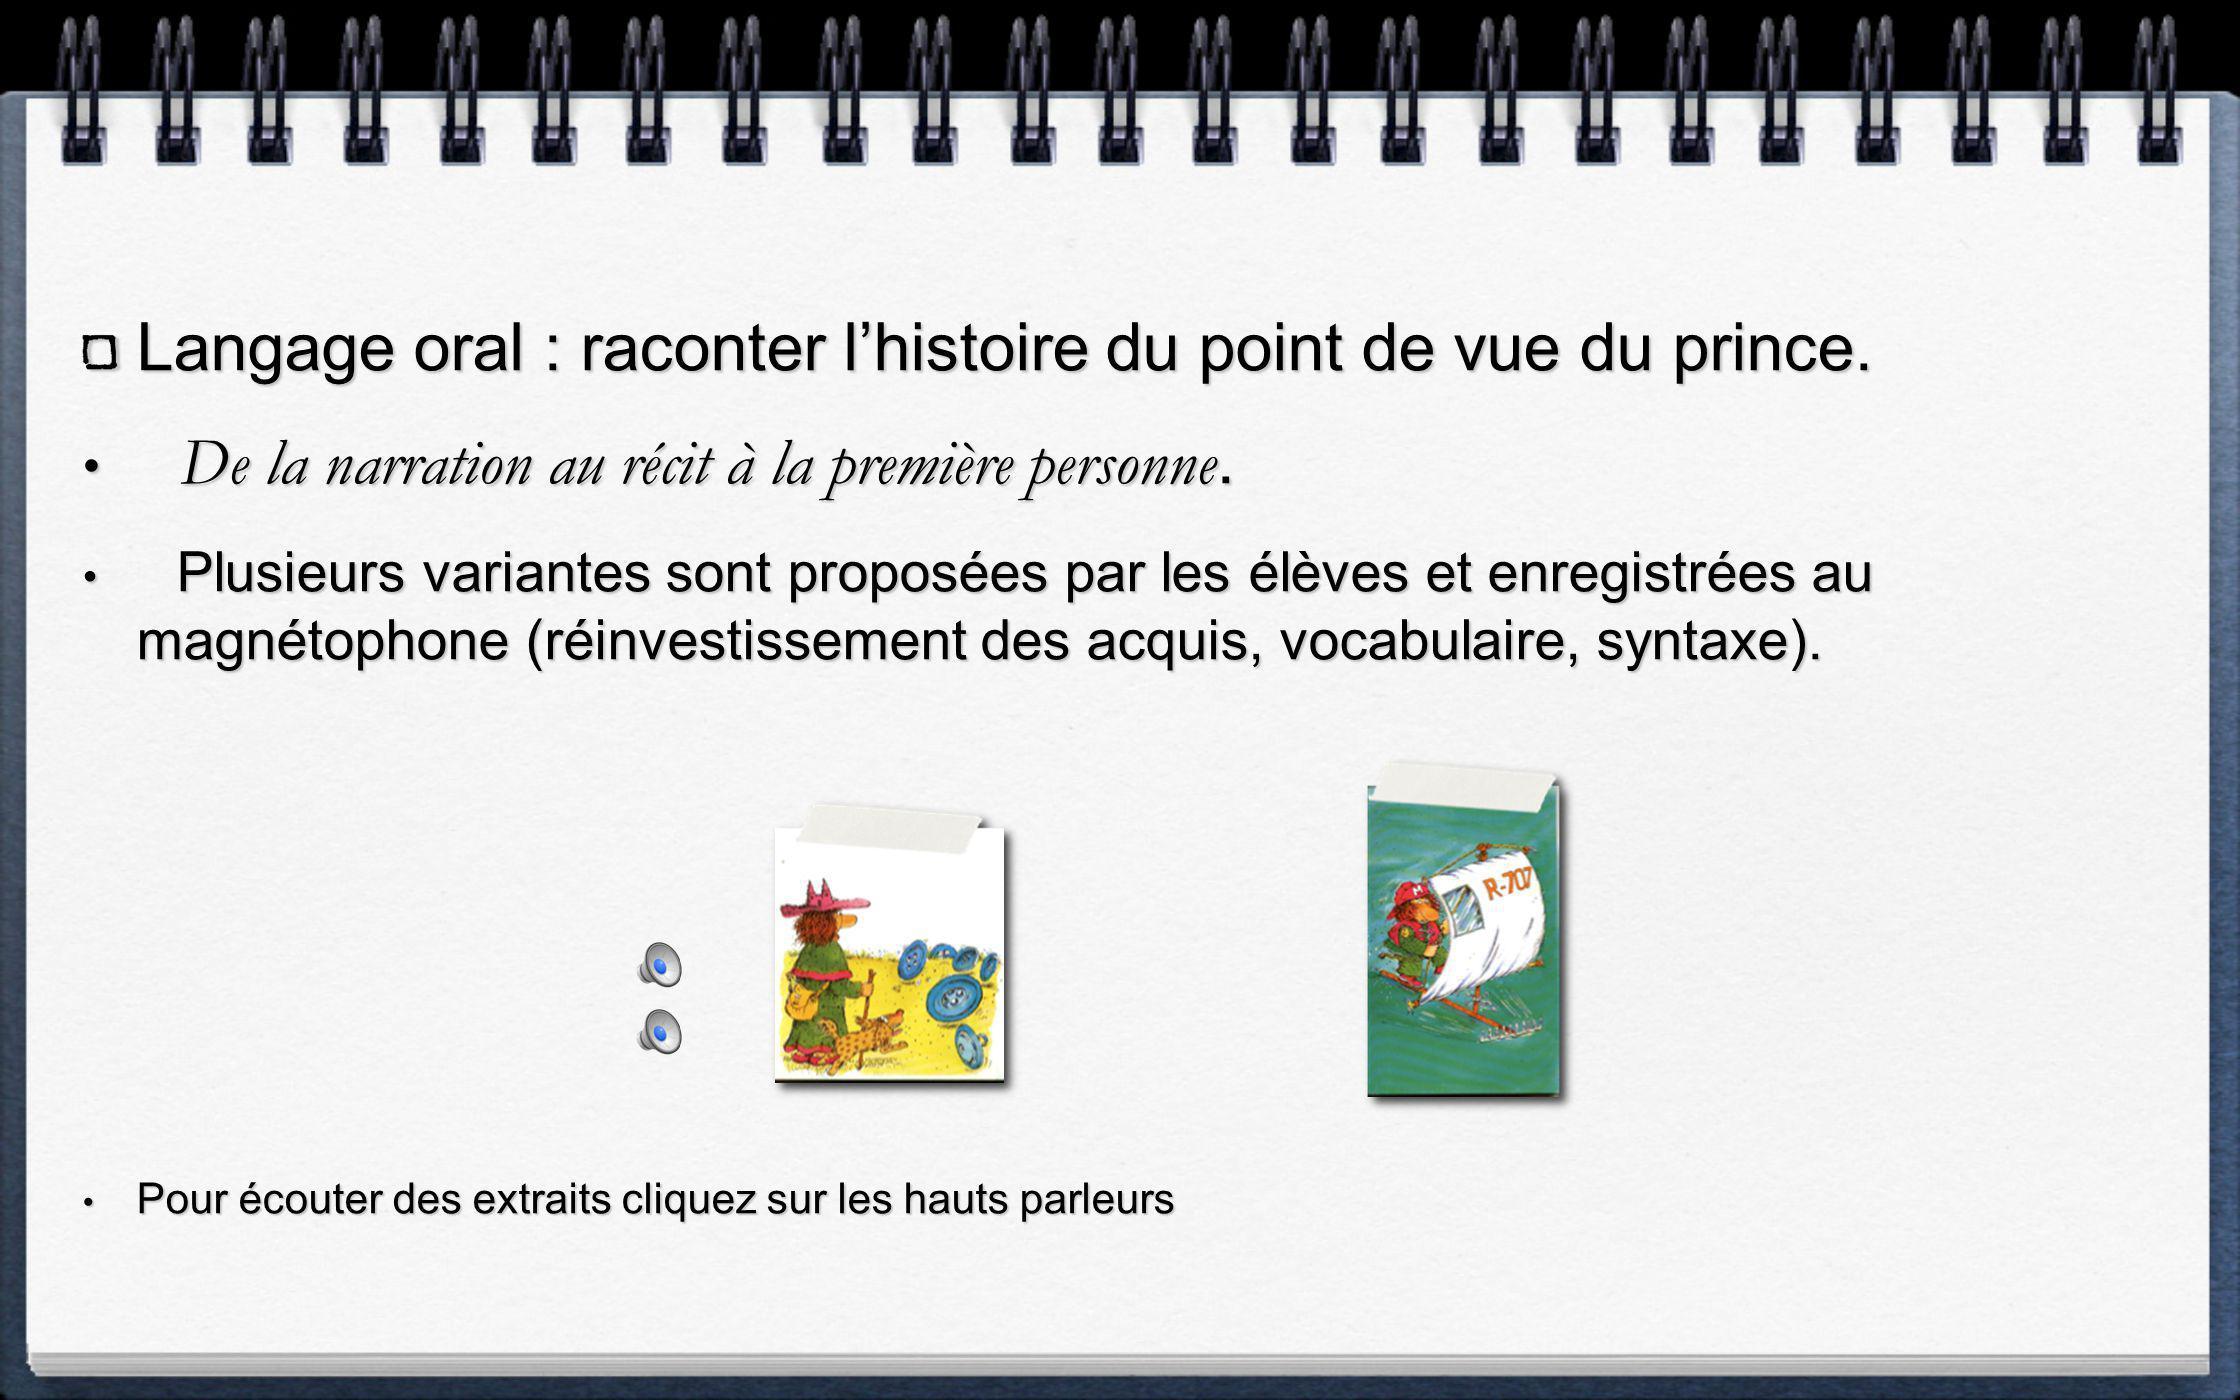 Langage oral : raconter l'histoire du point de vue du prince.